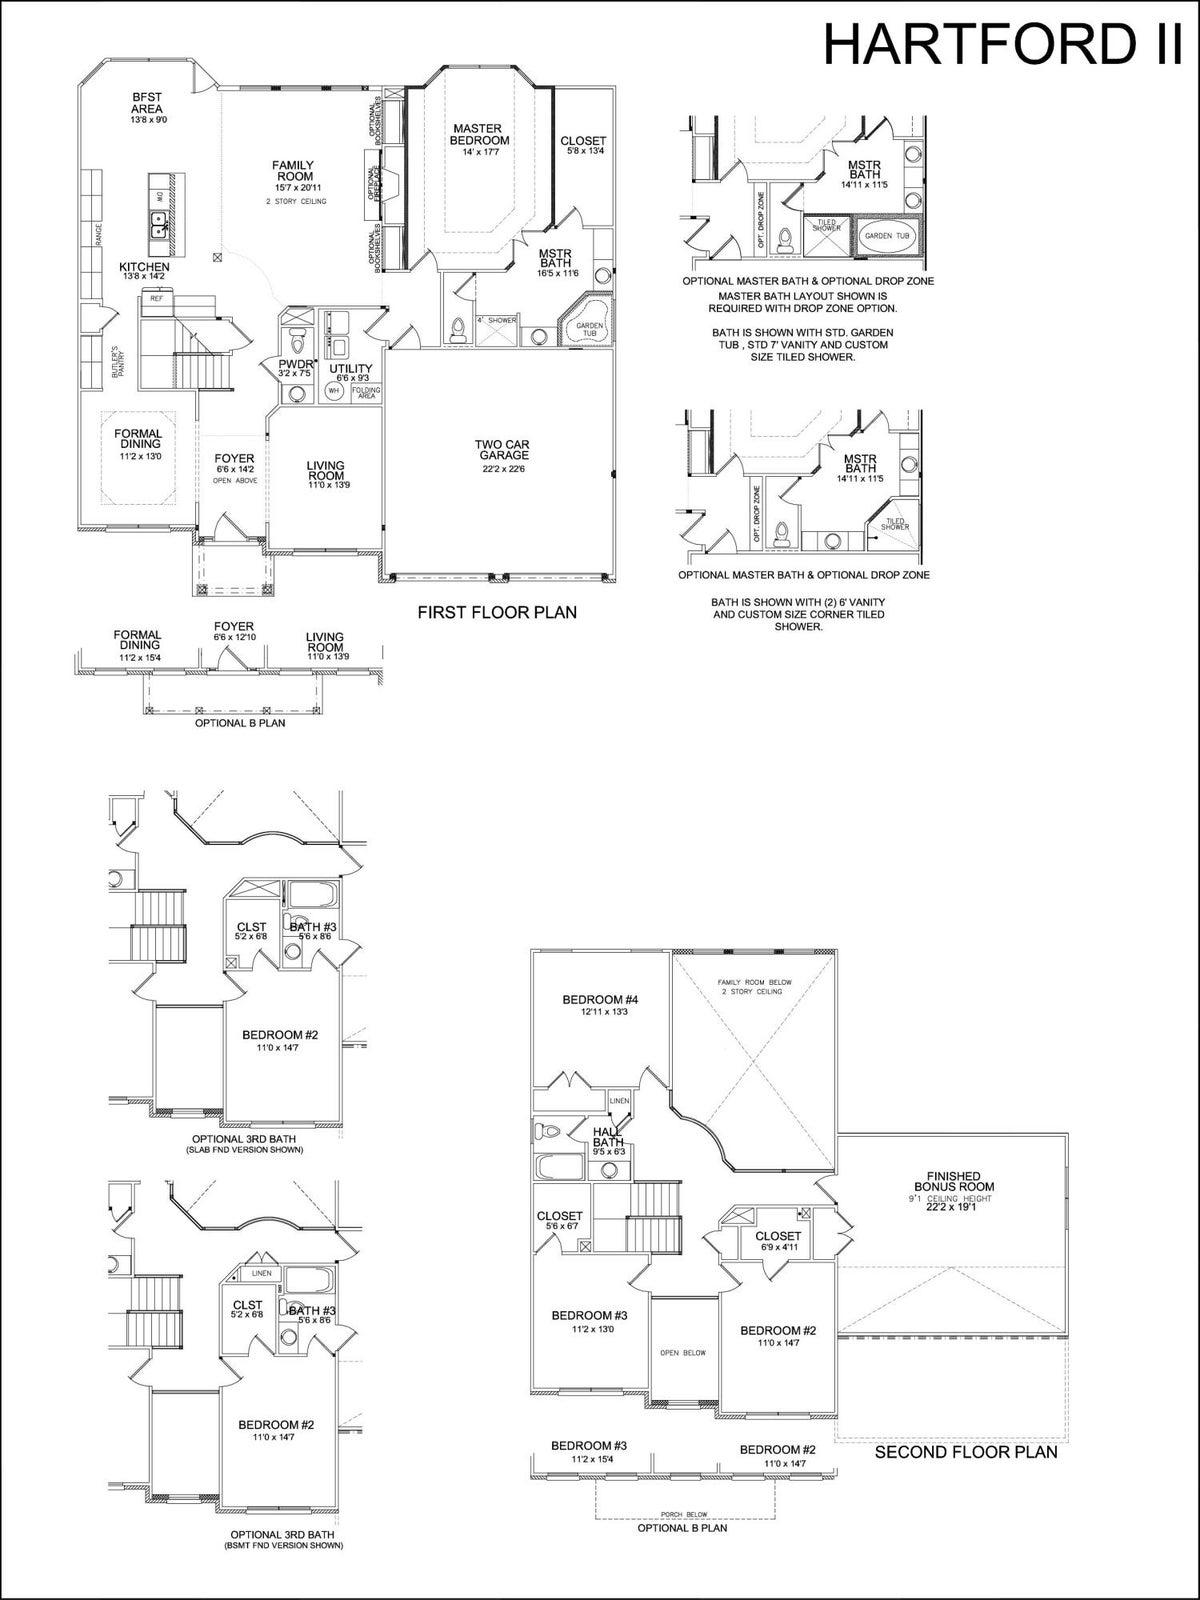 Hartford II Revised Floorplan 4-10-19